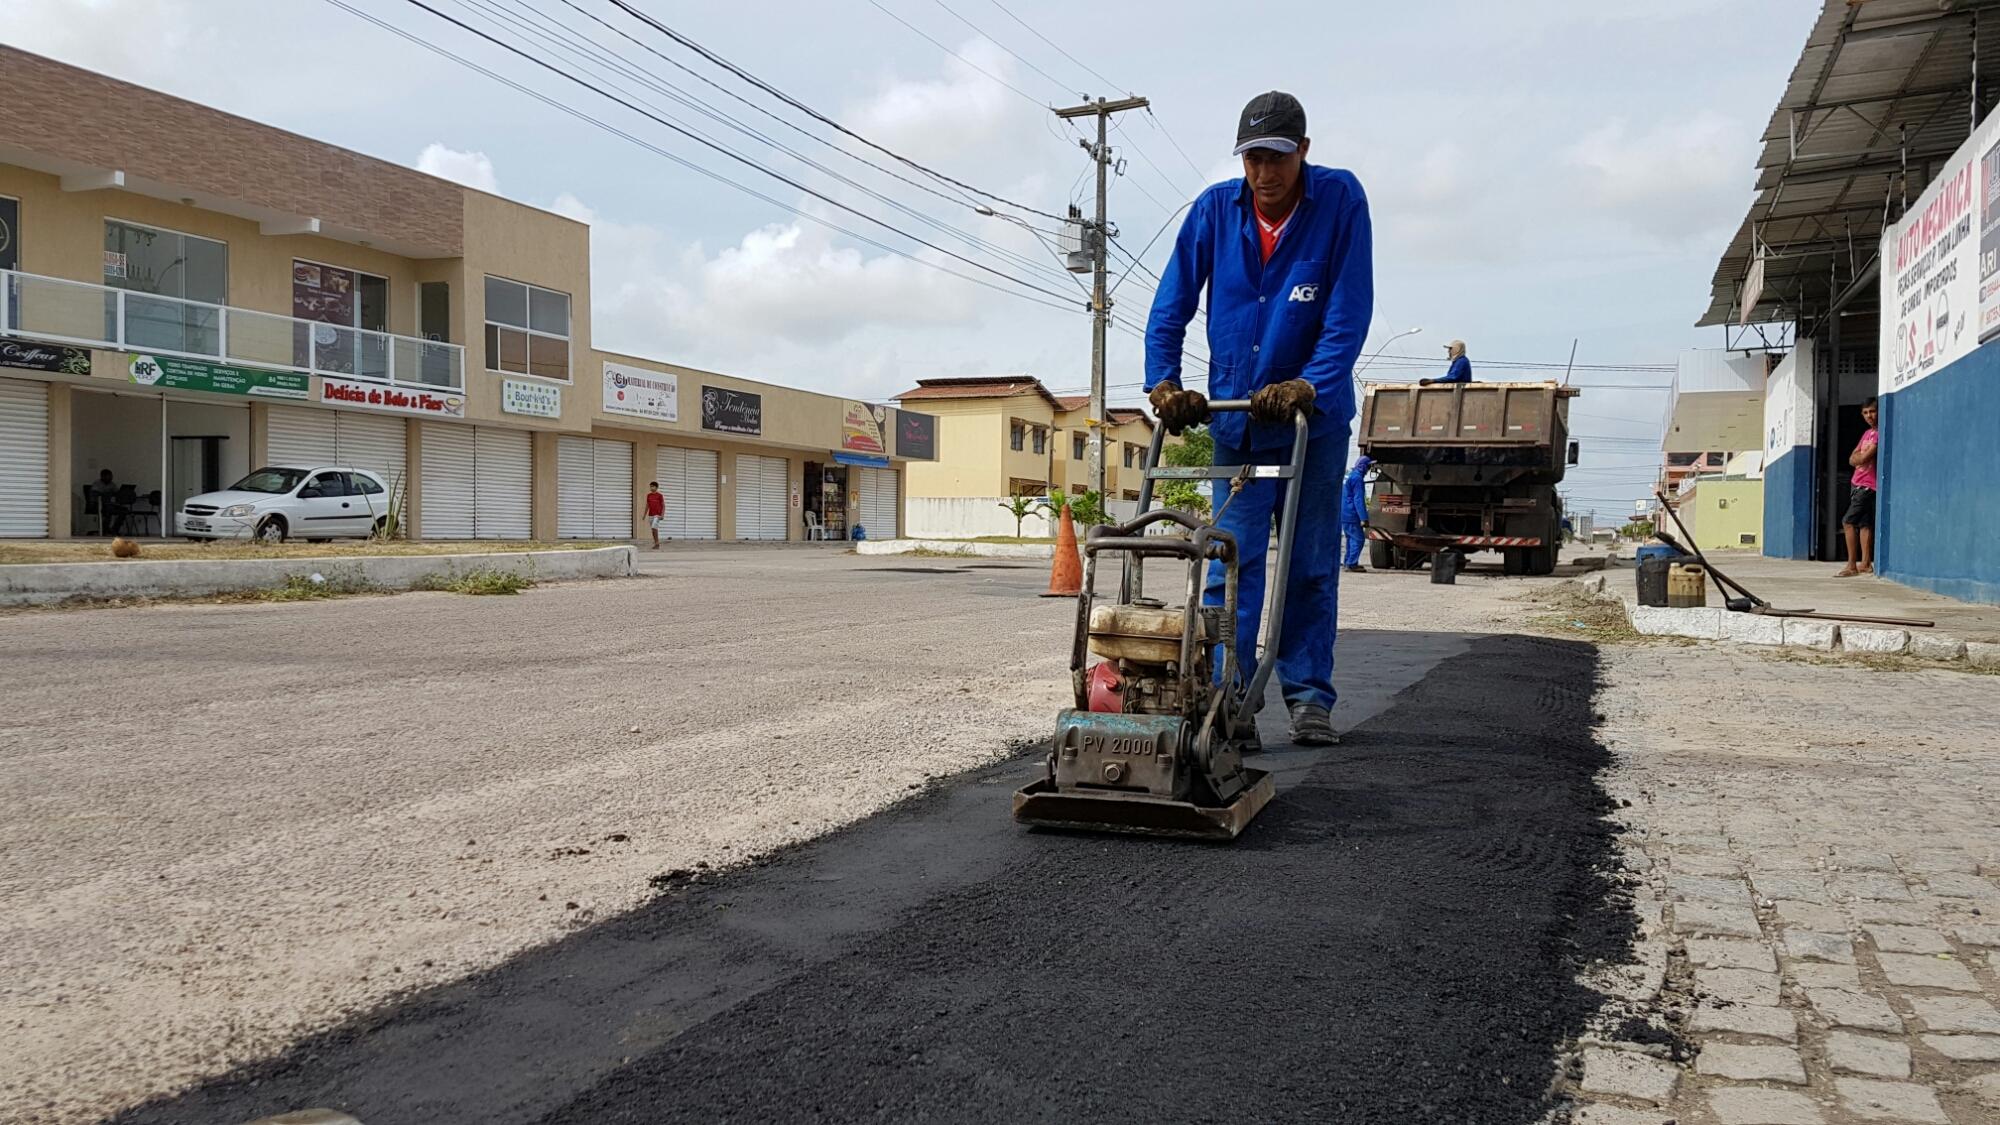 Iniciada recuperação de asfalto nas ruas e avenidas do Bairro dos Jardins